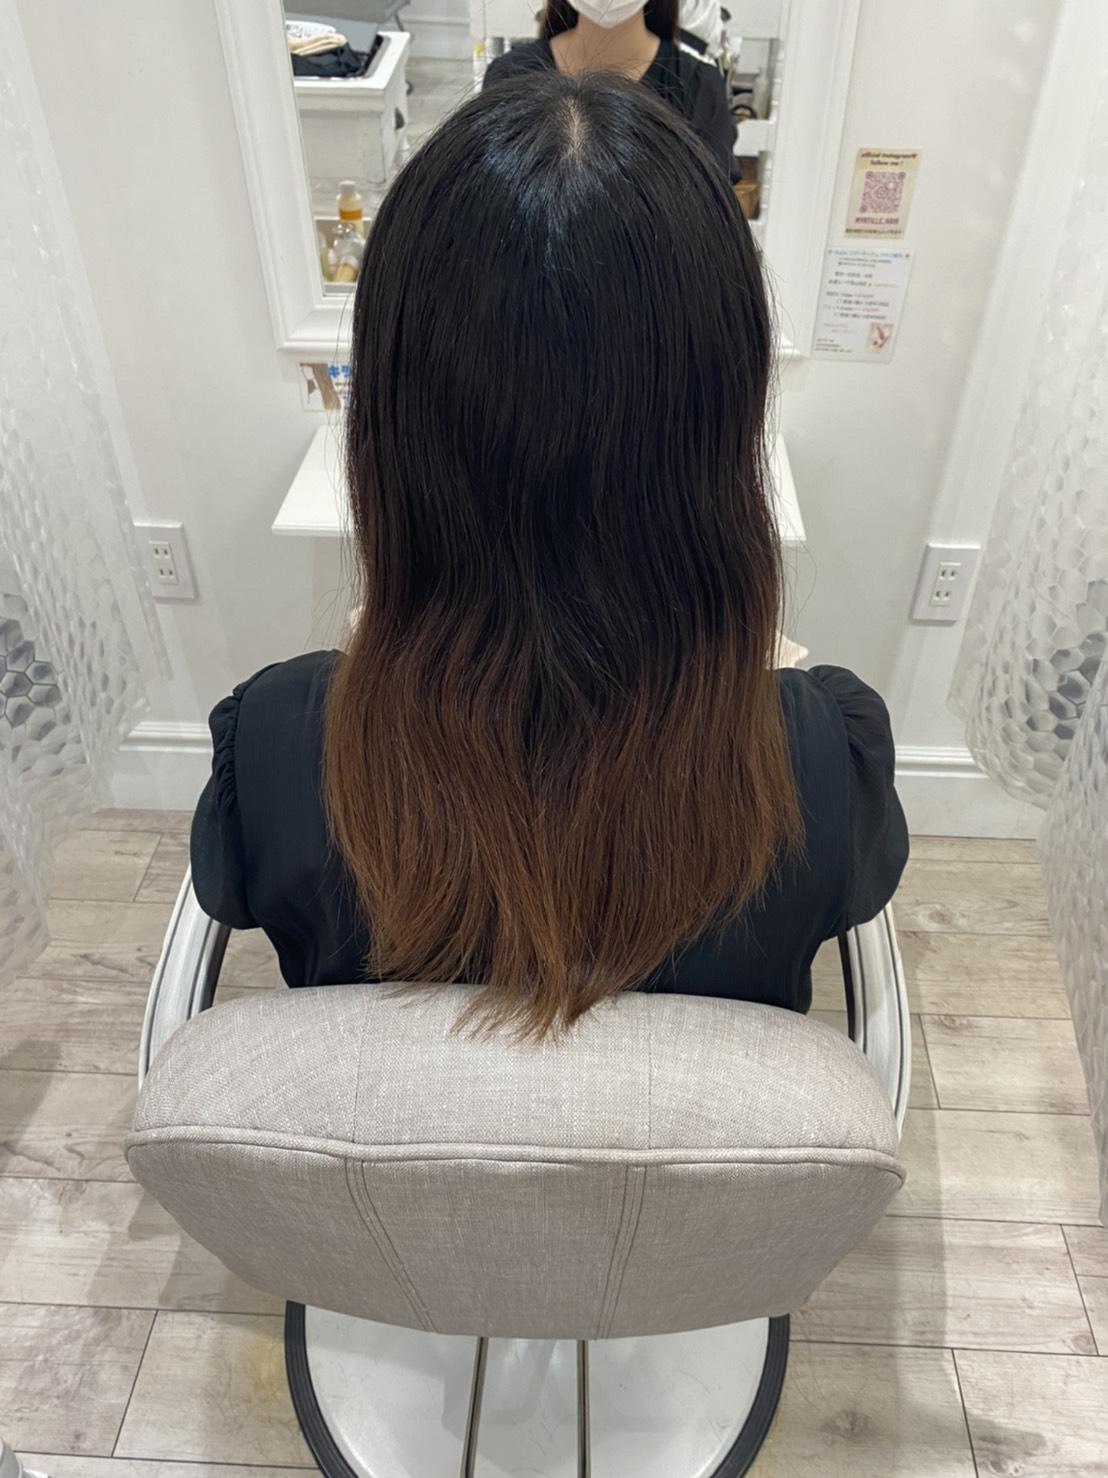 カラーリングする前の髪の写真。真ん中から毛先にかけて色が抜け、明るい茶色に